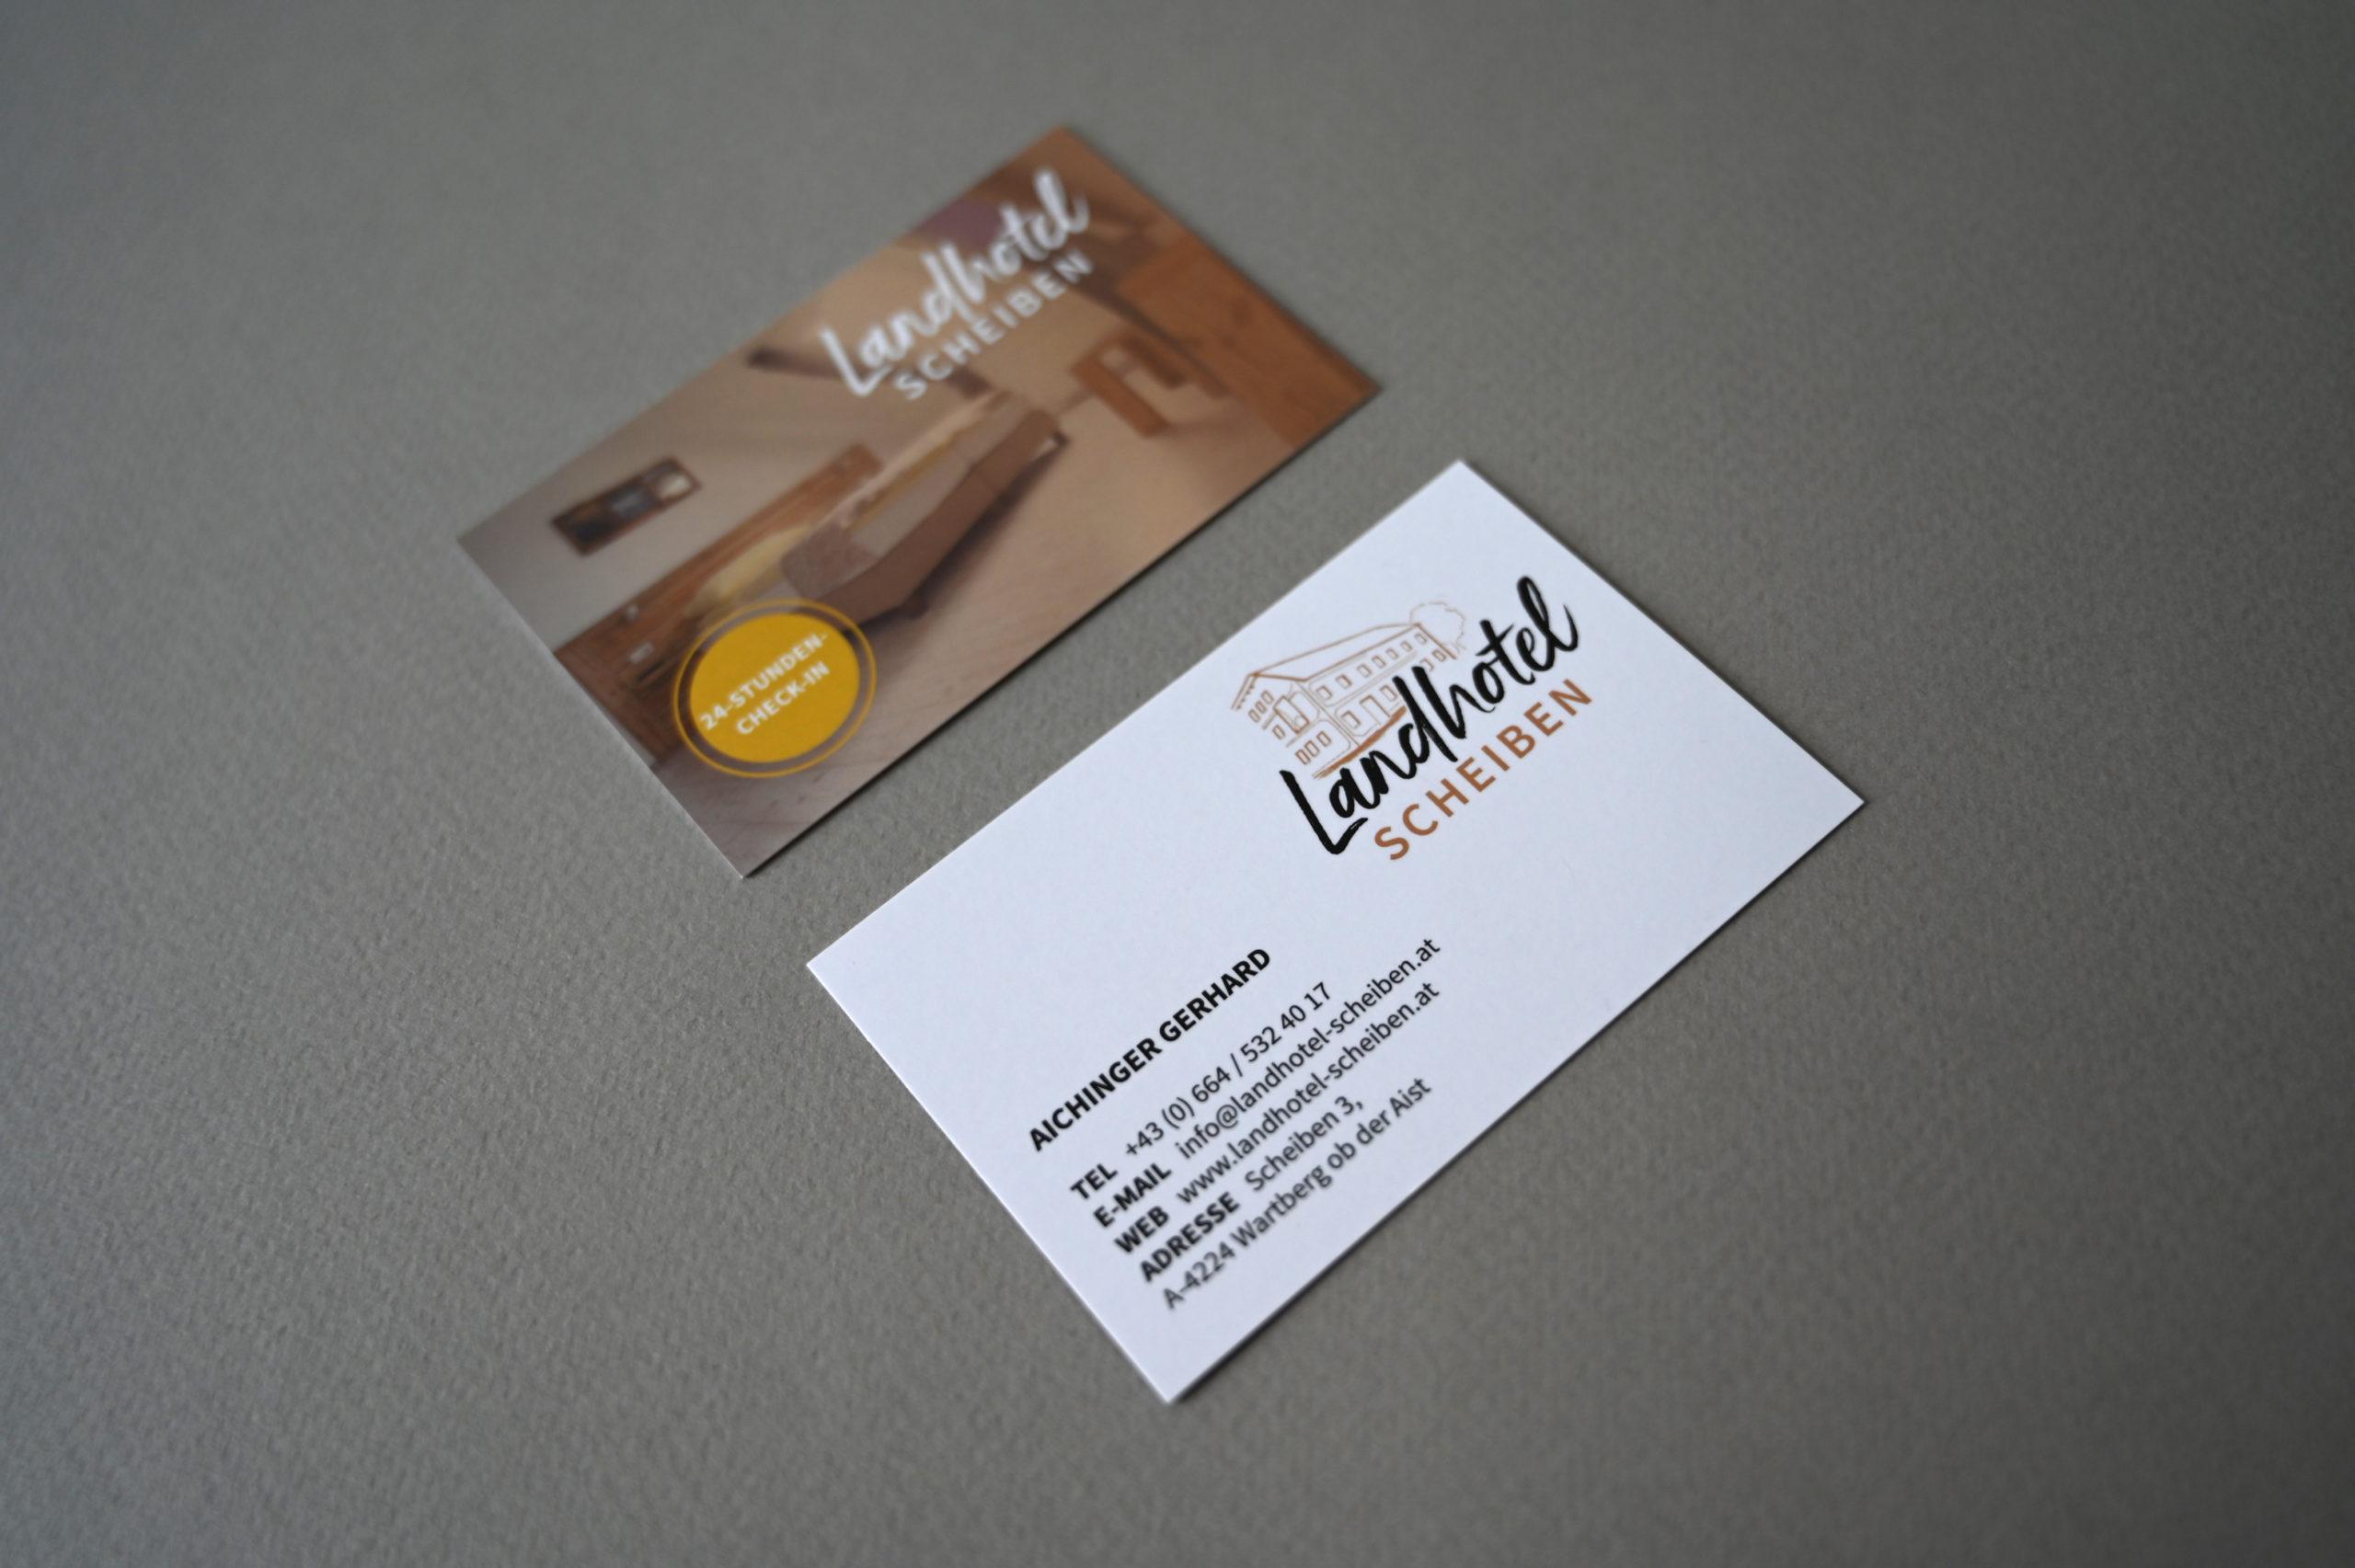 landhotel-scheiben-image-3